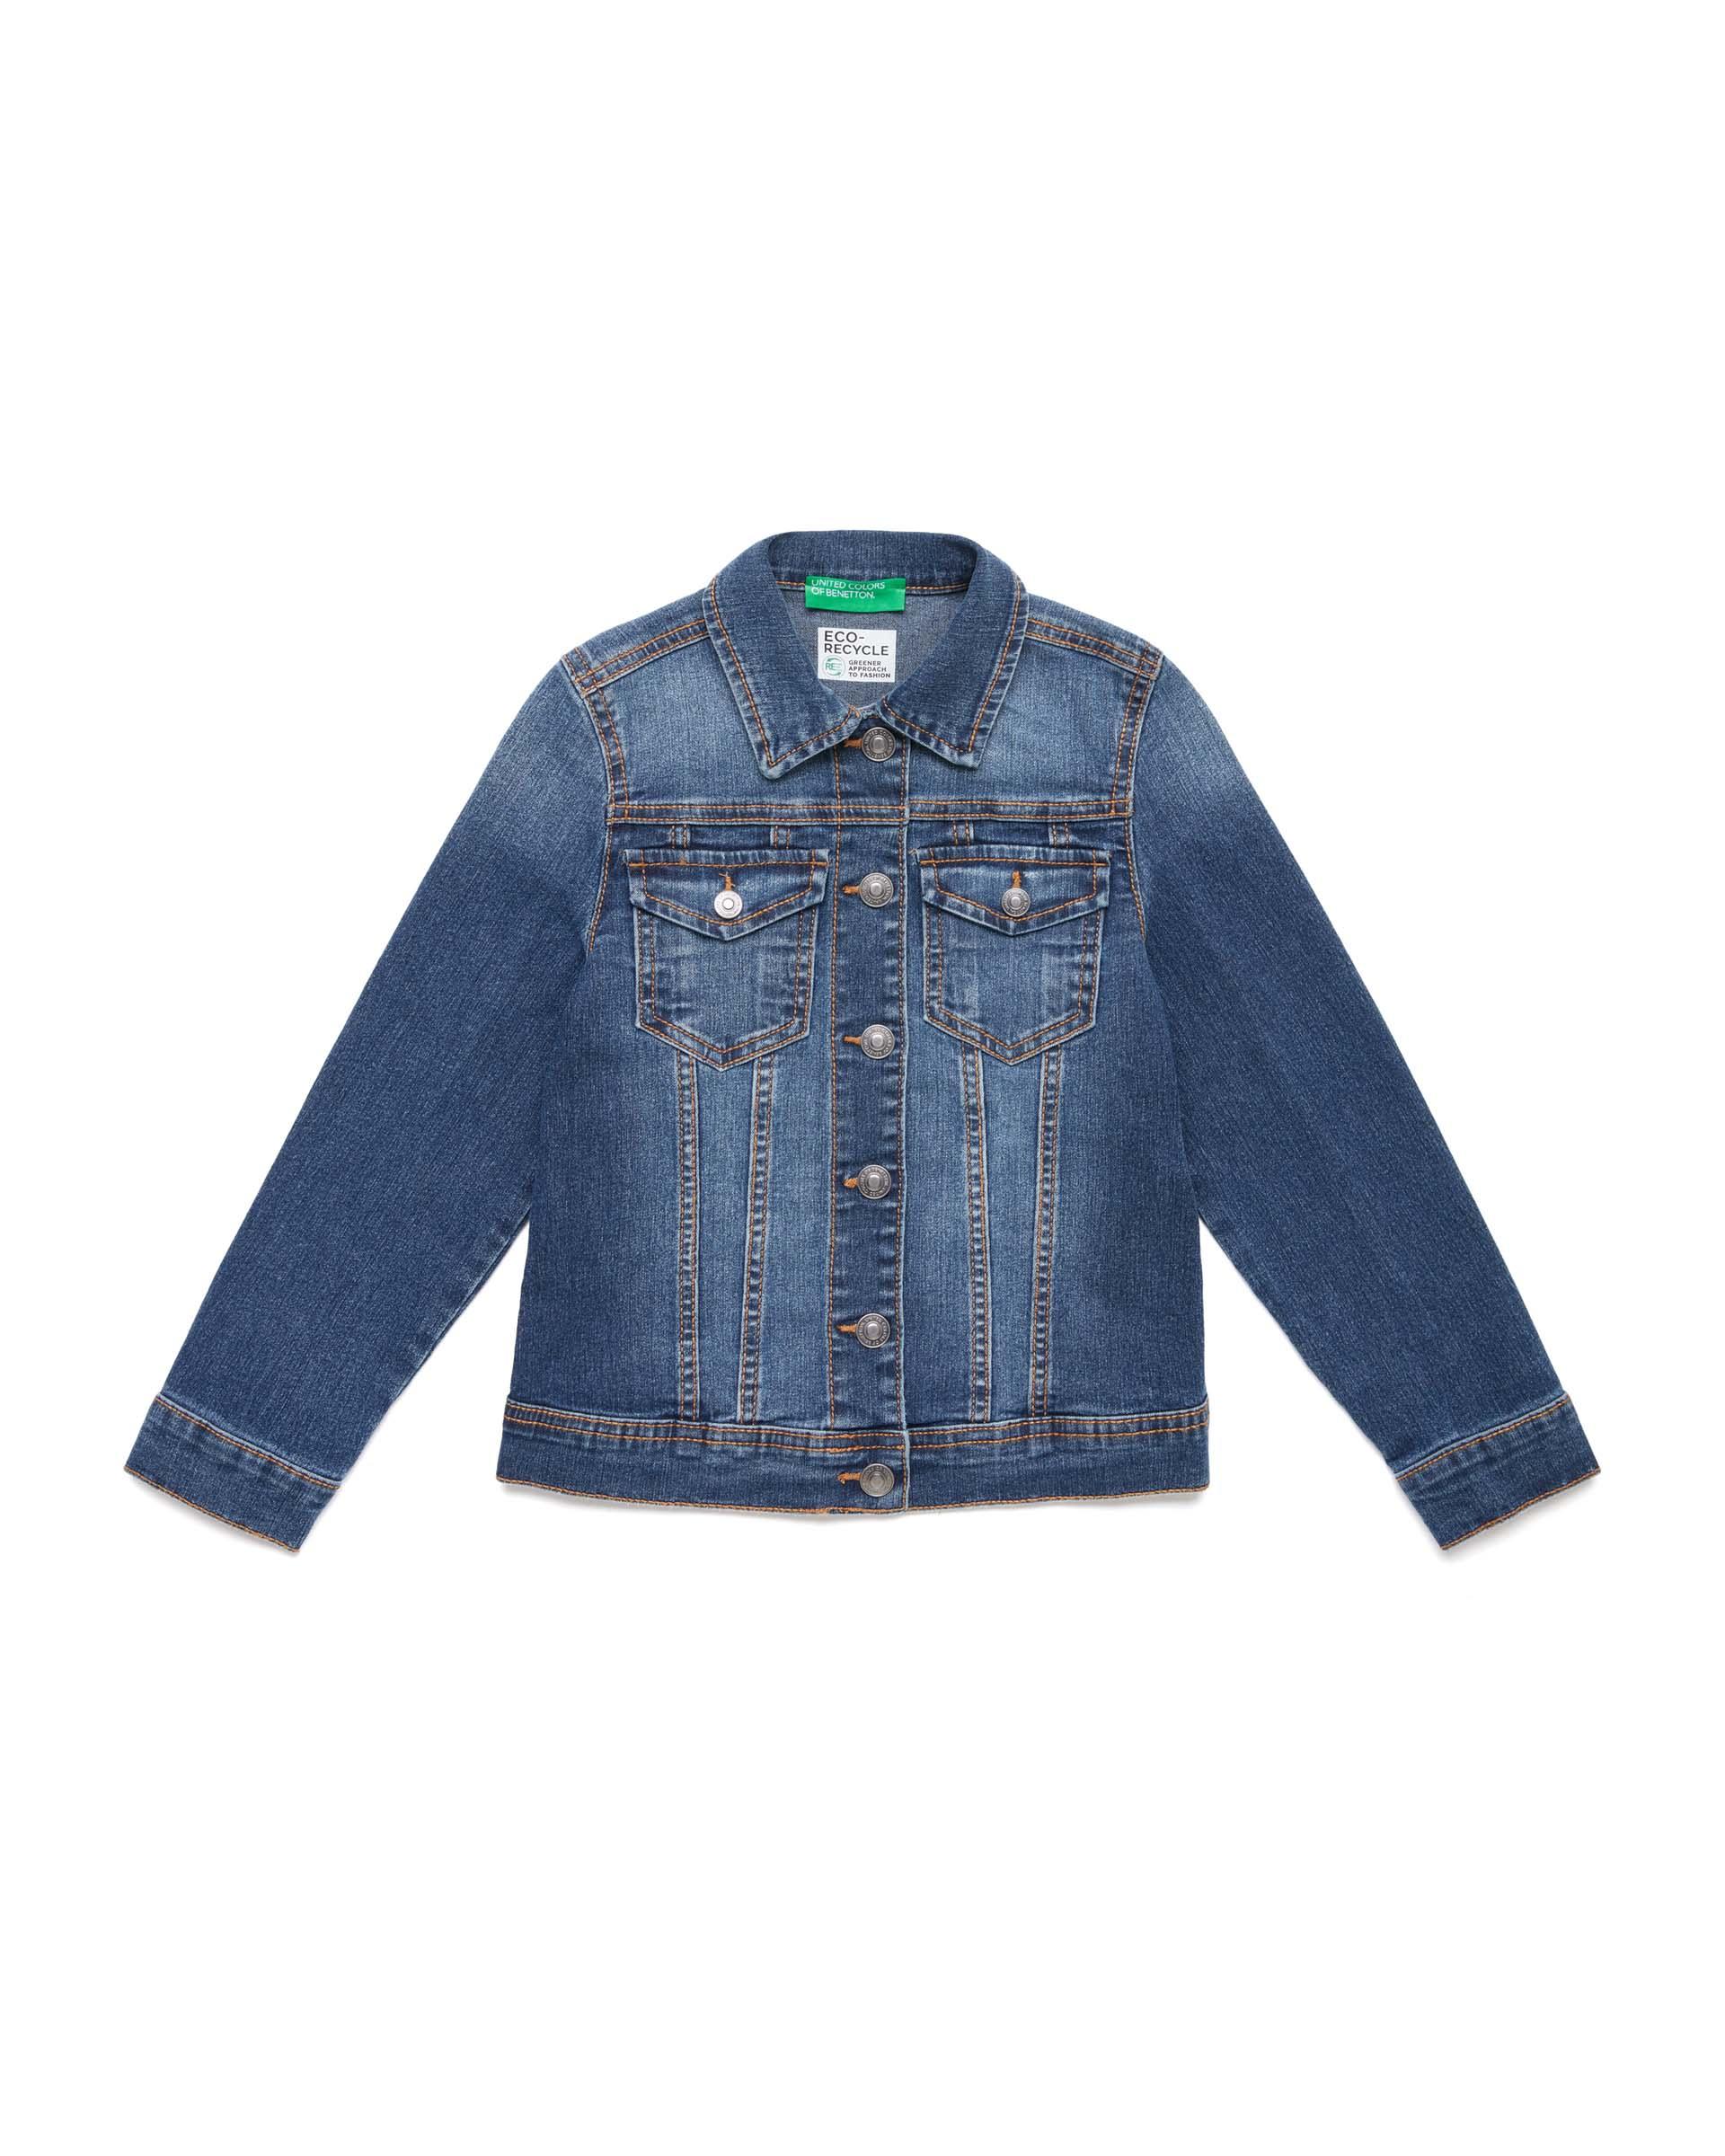 Купить 20P_2XA253HK0_901, Джинсовая куртка для девочек Benetton 2XA253HK0_901 р-р 158, United Colors of Benetton, Куртки для девочек